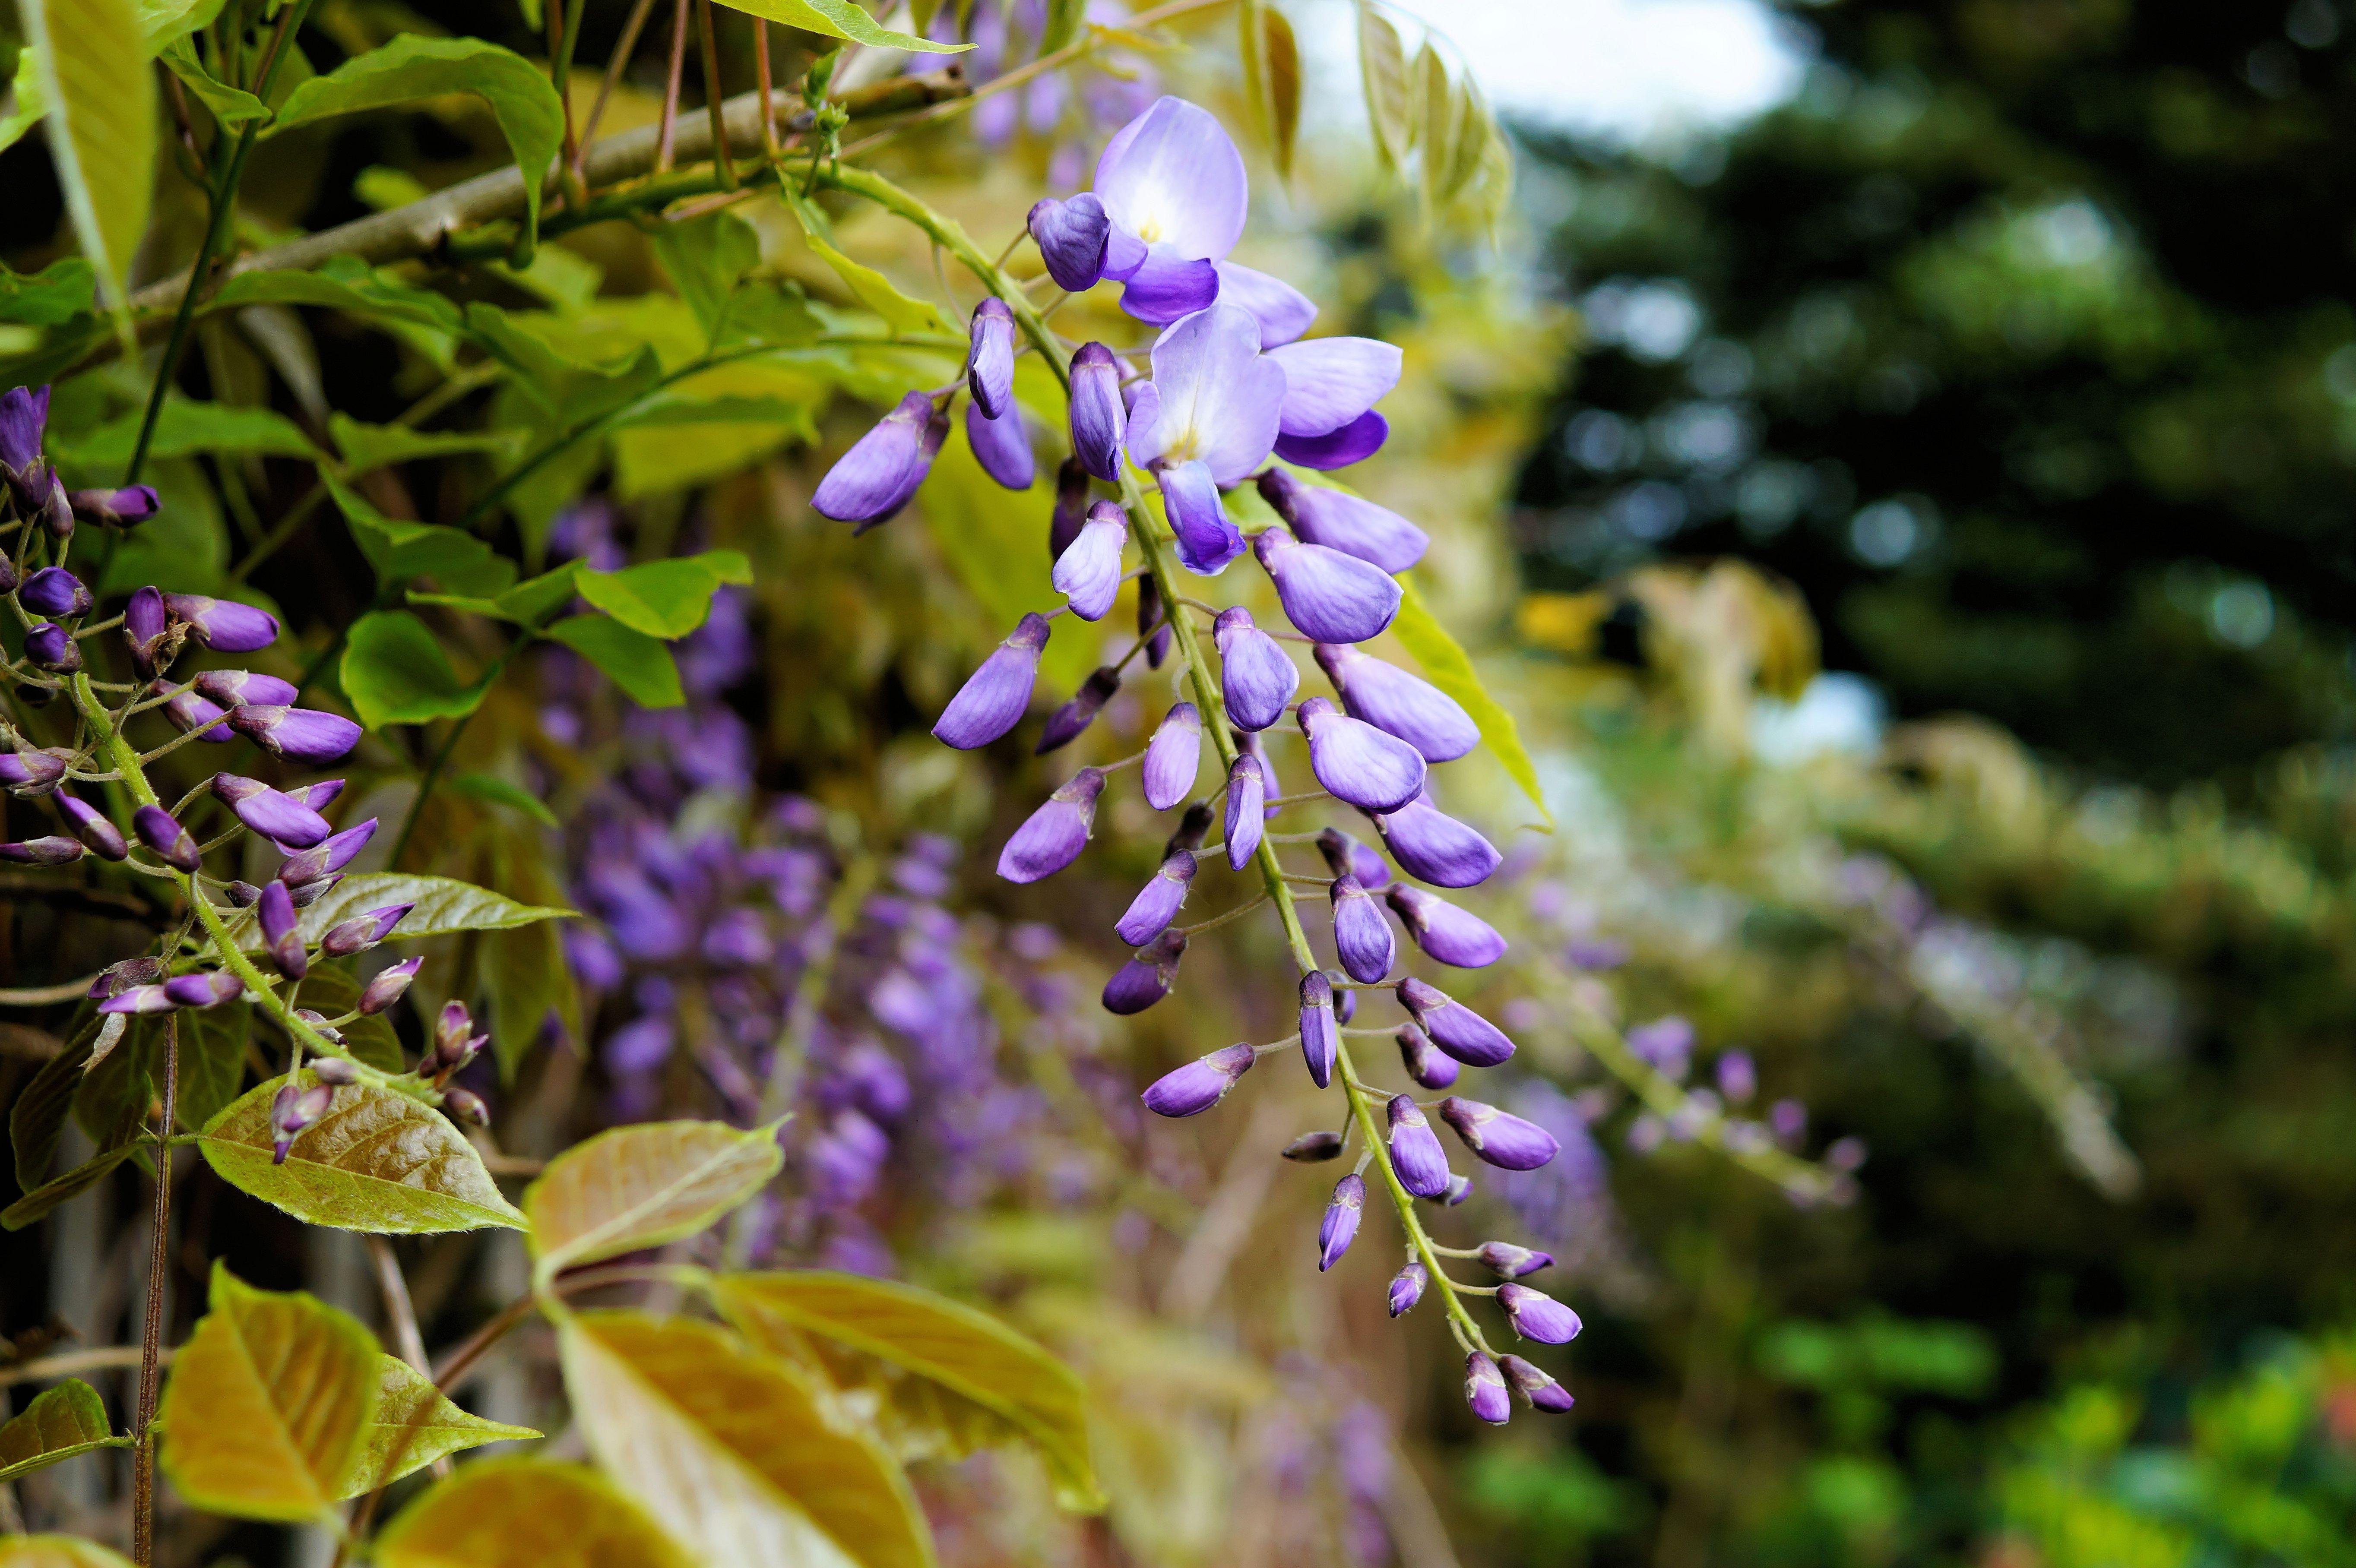 images gratuites la nature fleur prairie feuille herbe botanique jardin flore fleur. Black Bedroom Furniture Sets. Home Design Ideas